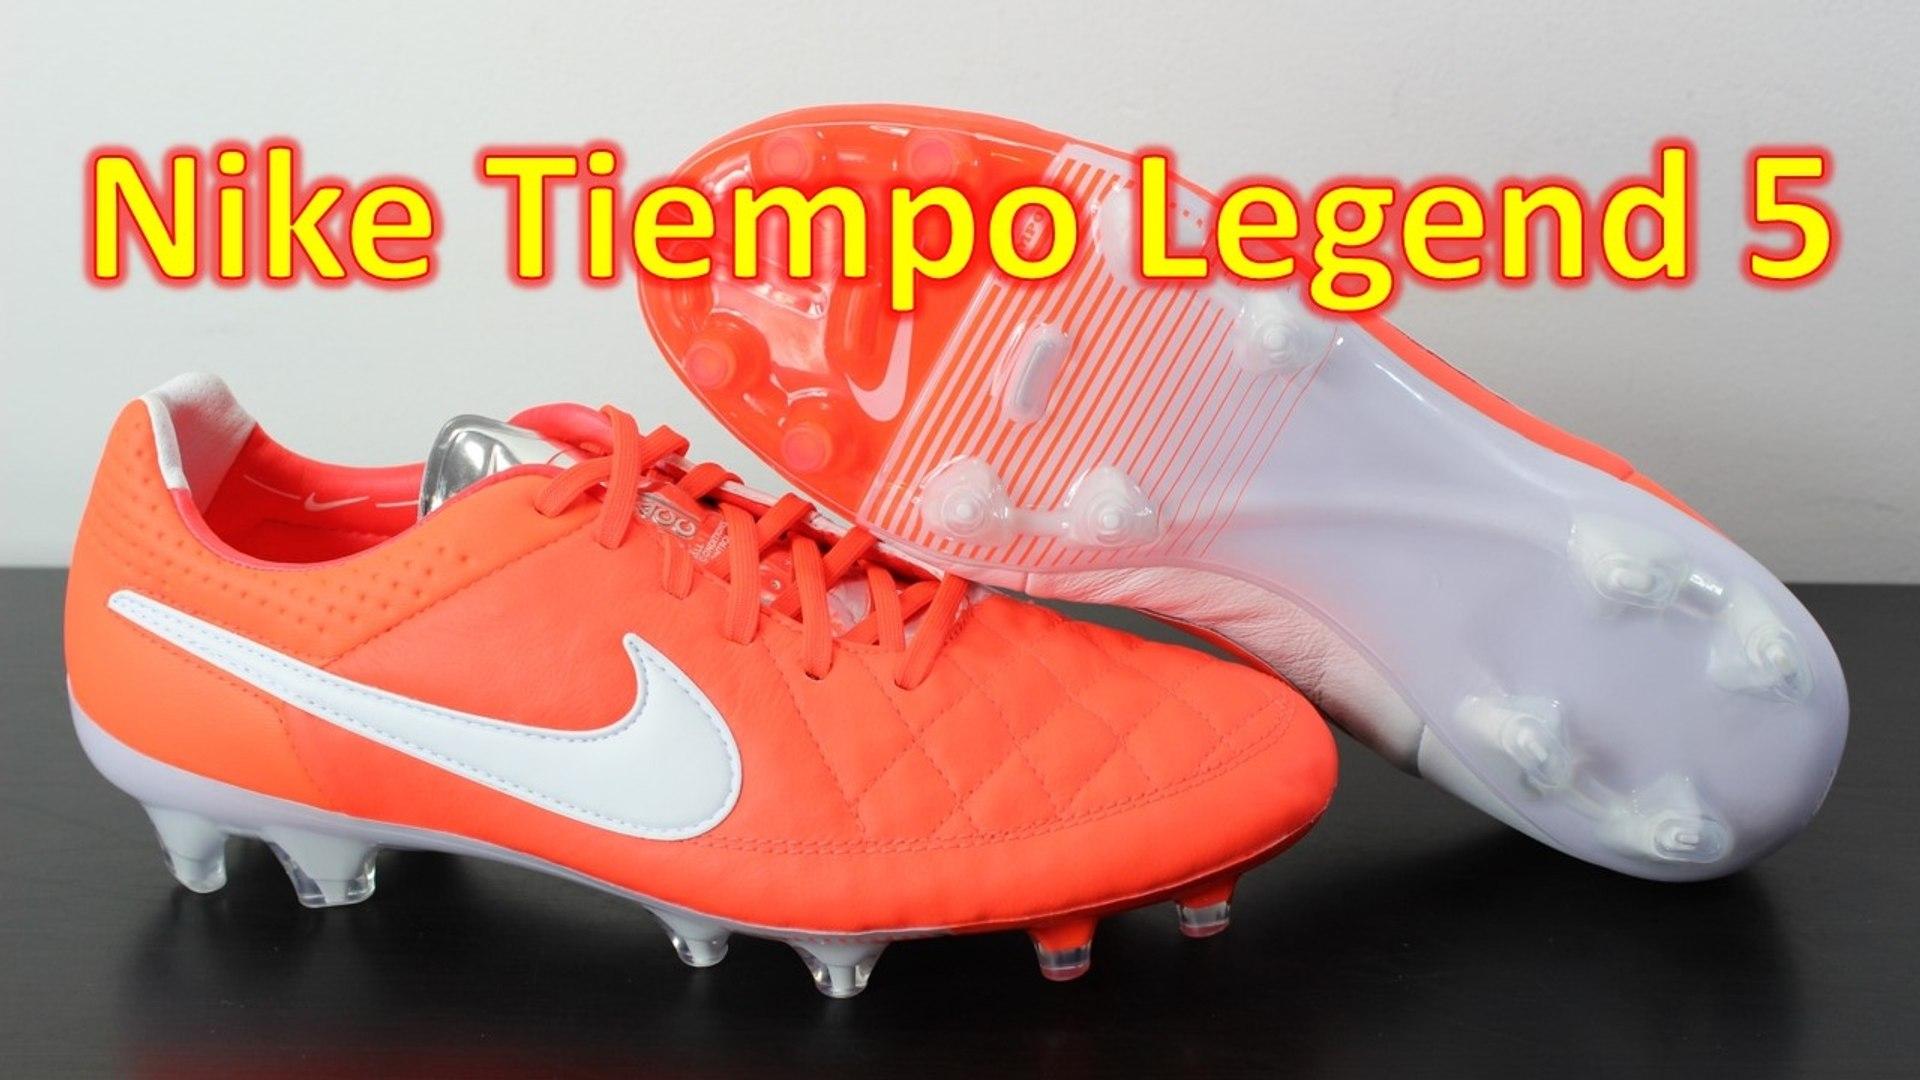 Nike Magista Obra II Elite FG ACC Soccer Cleats White Red SZ